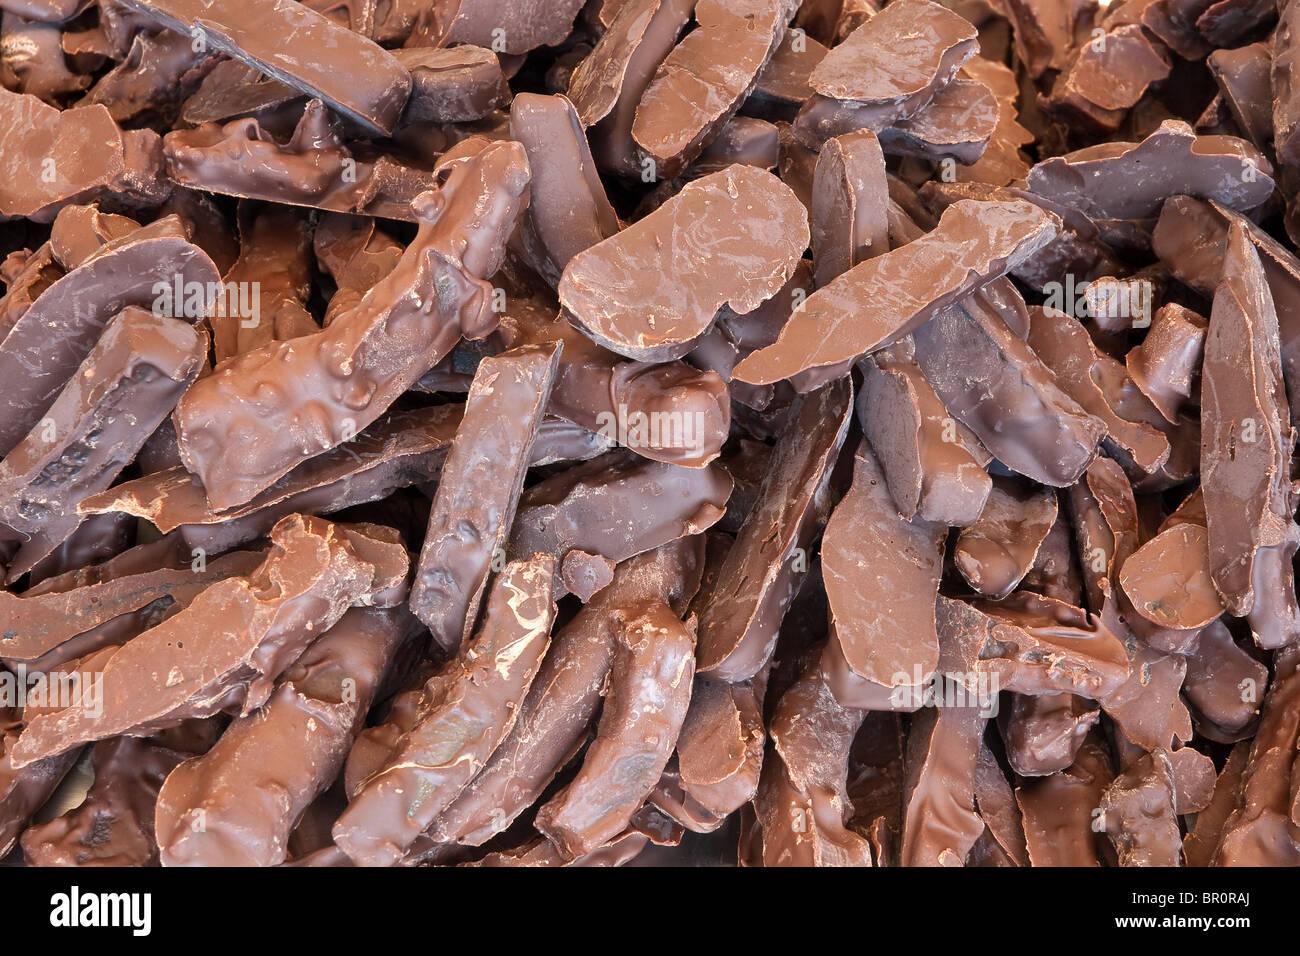 Acercamiento de galletas artesanales cubiertas con chocolate Imagen De Stock